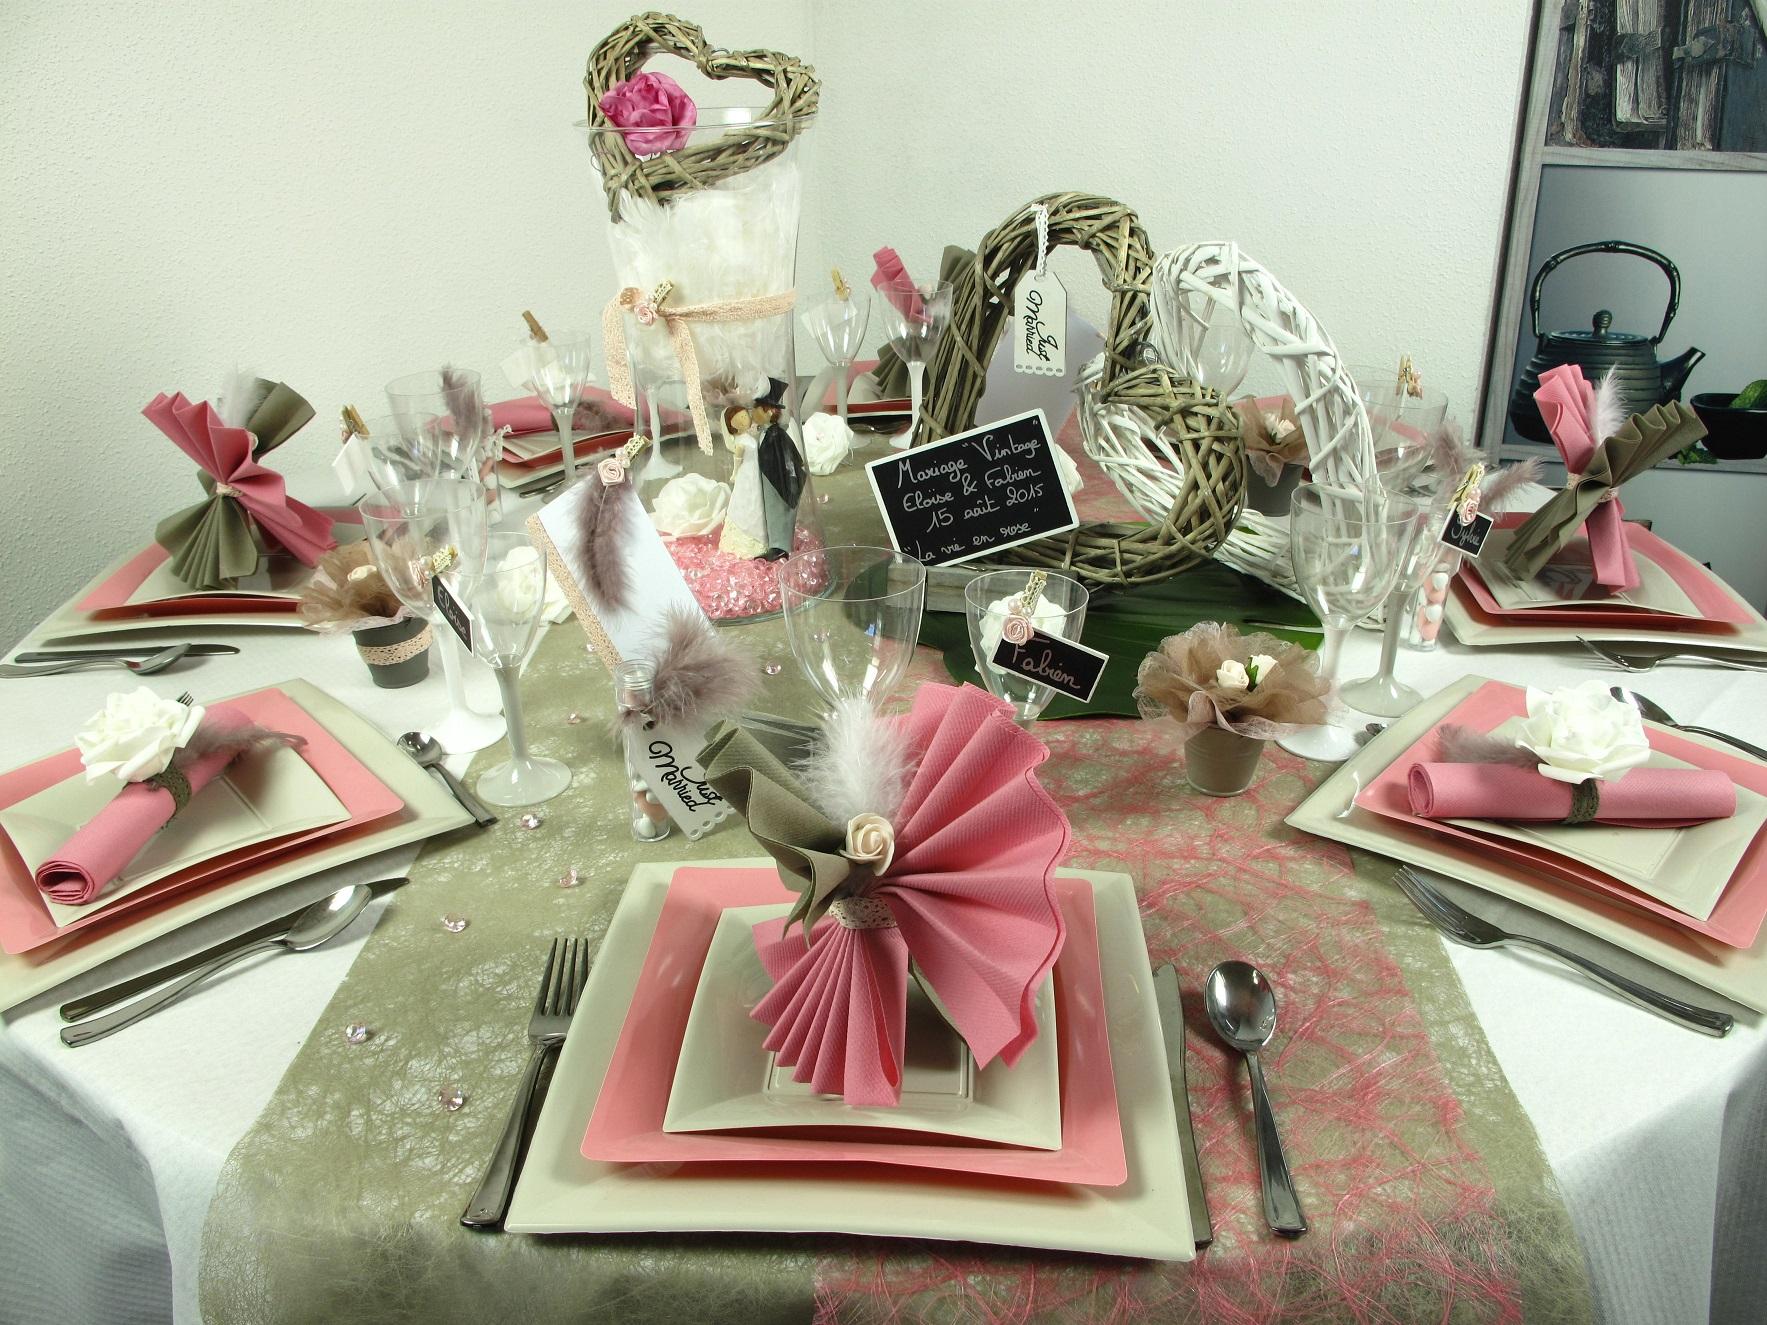 D co de table pour un mariage vintage id es deco id f tes - Deco de table vintage ...